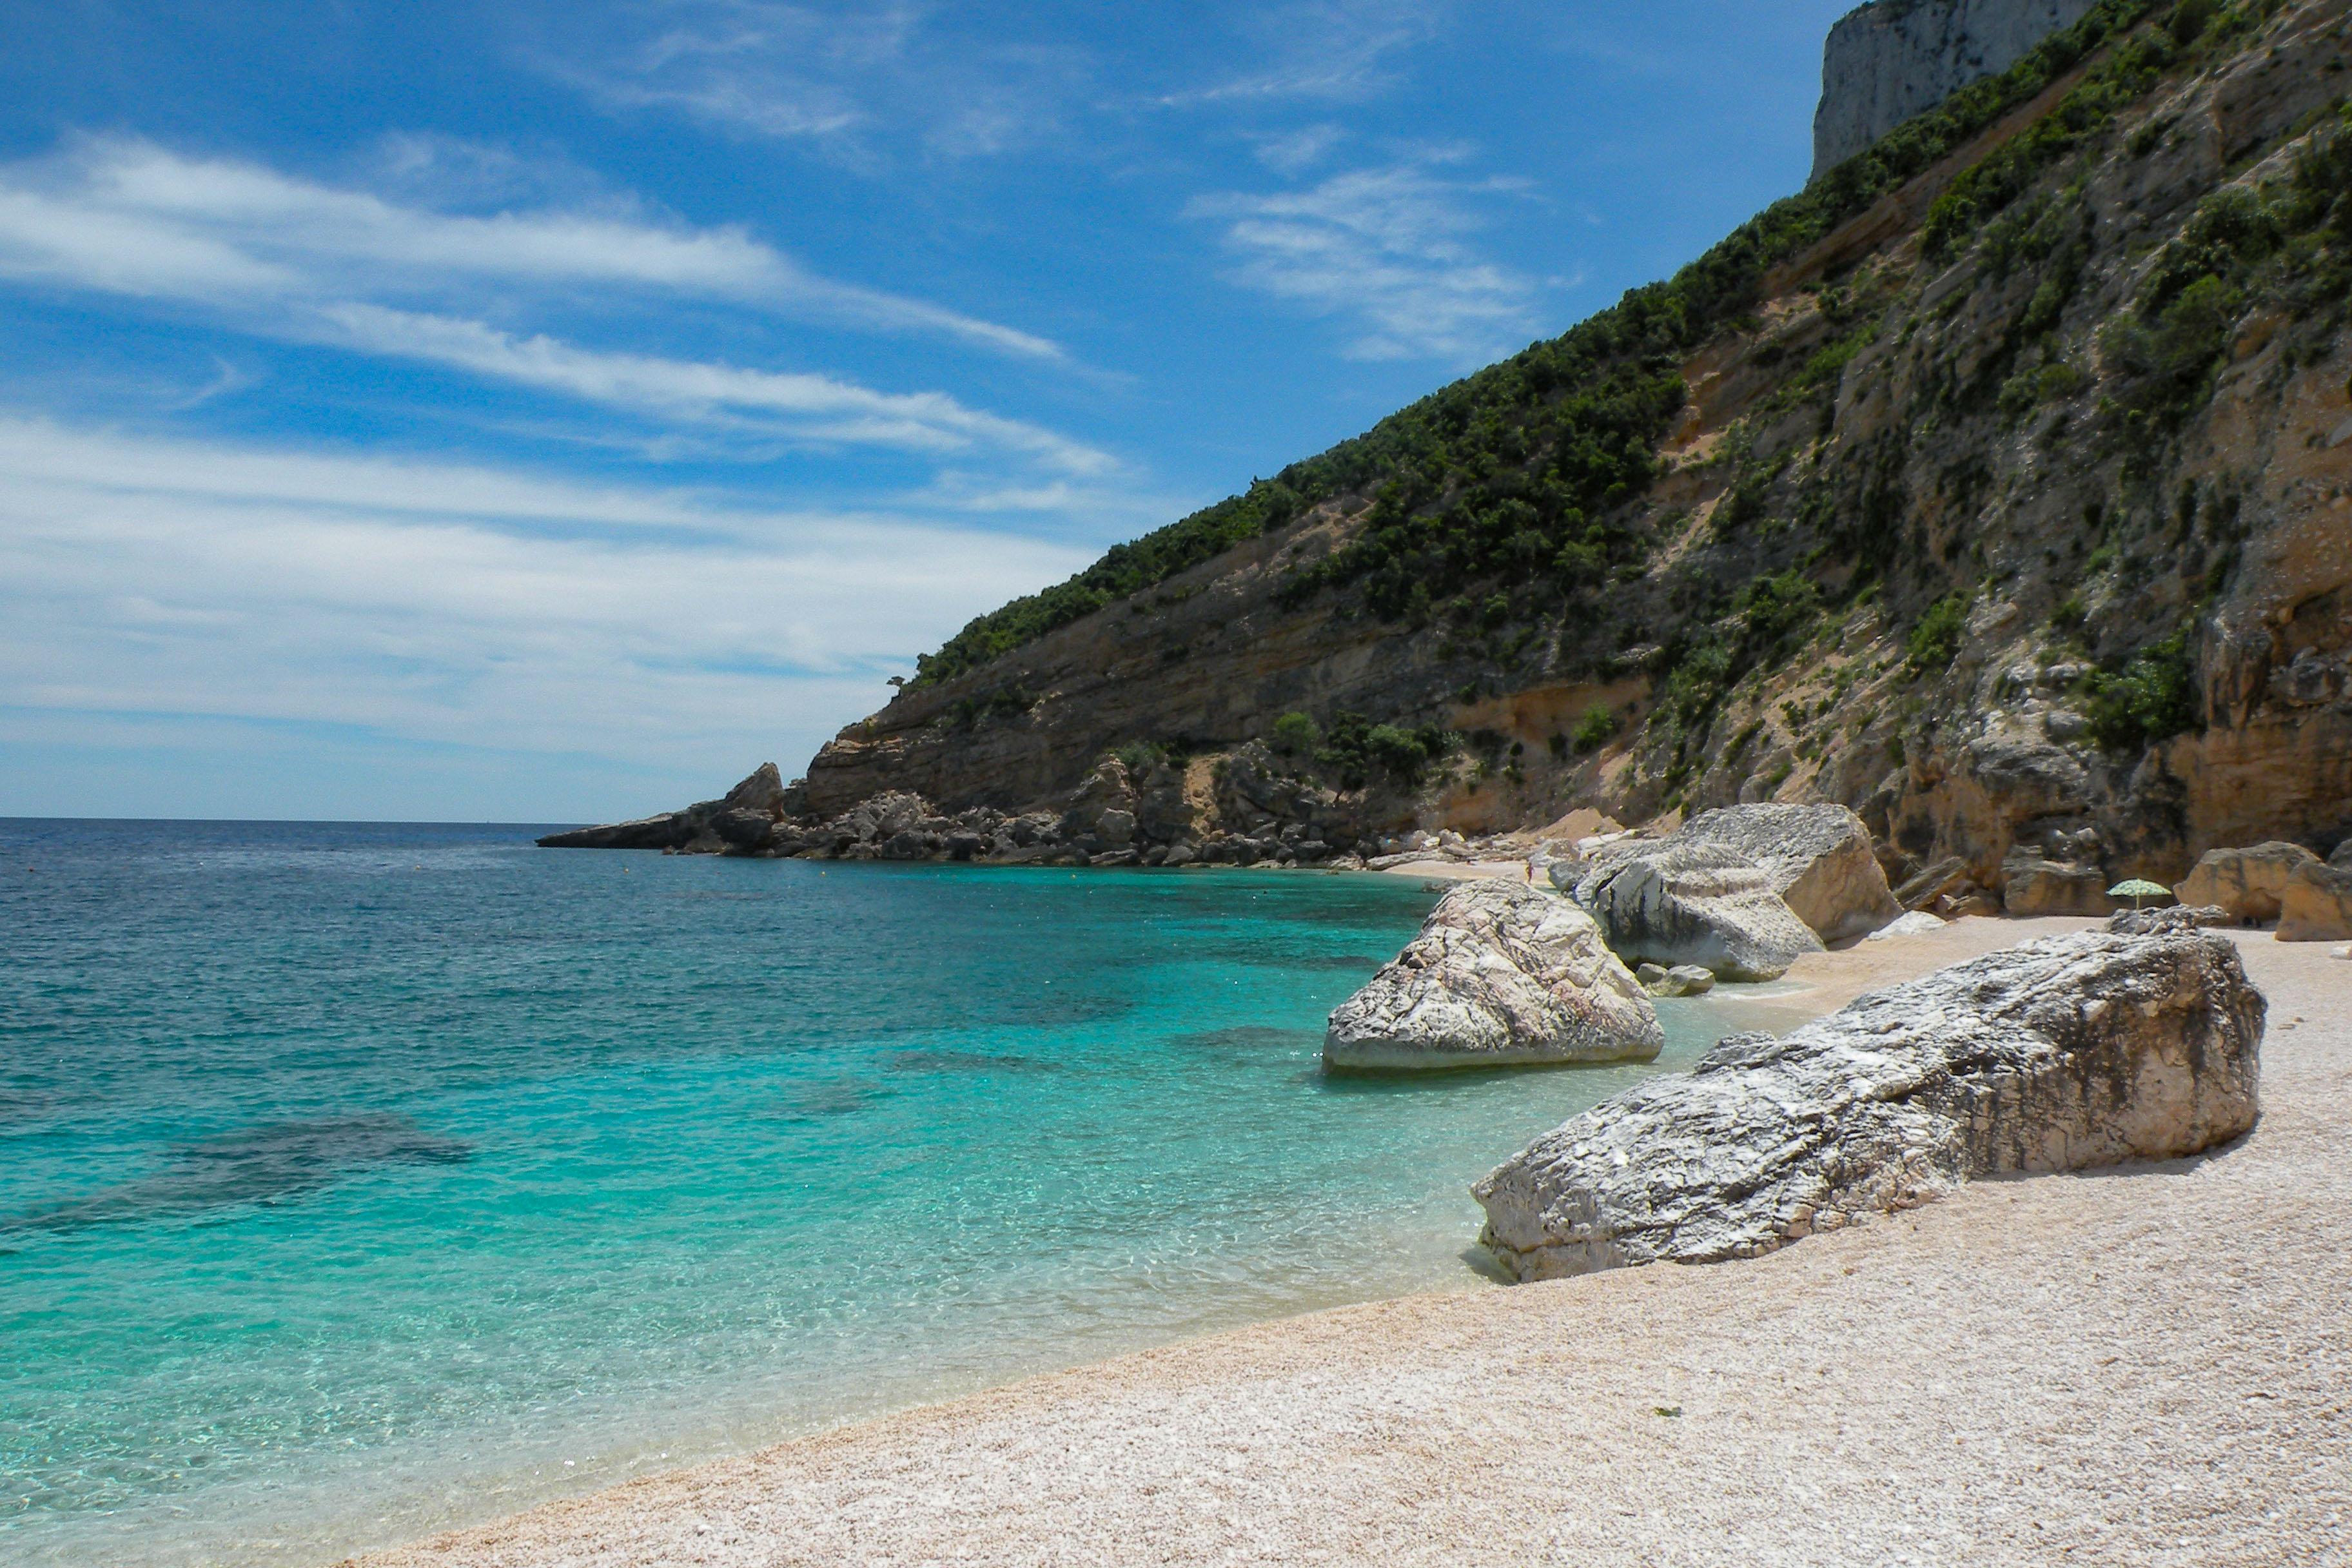 Il mare più bello della Sardegna secondo Legambiente